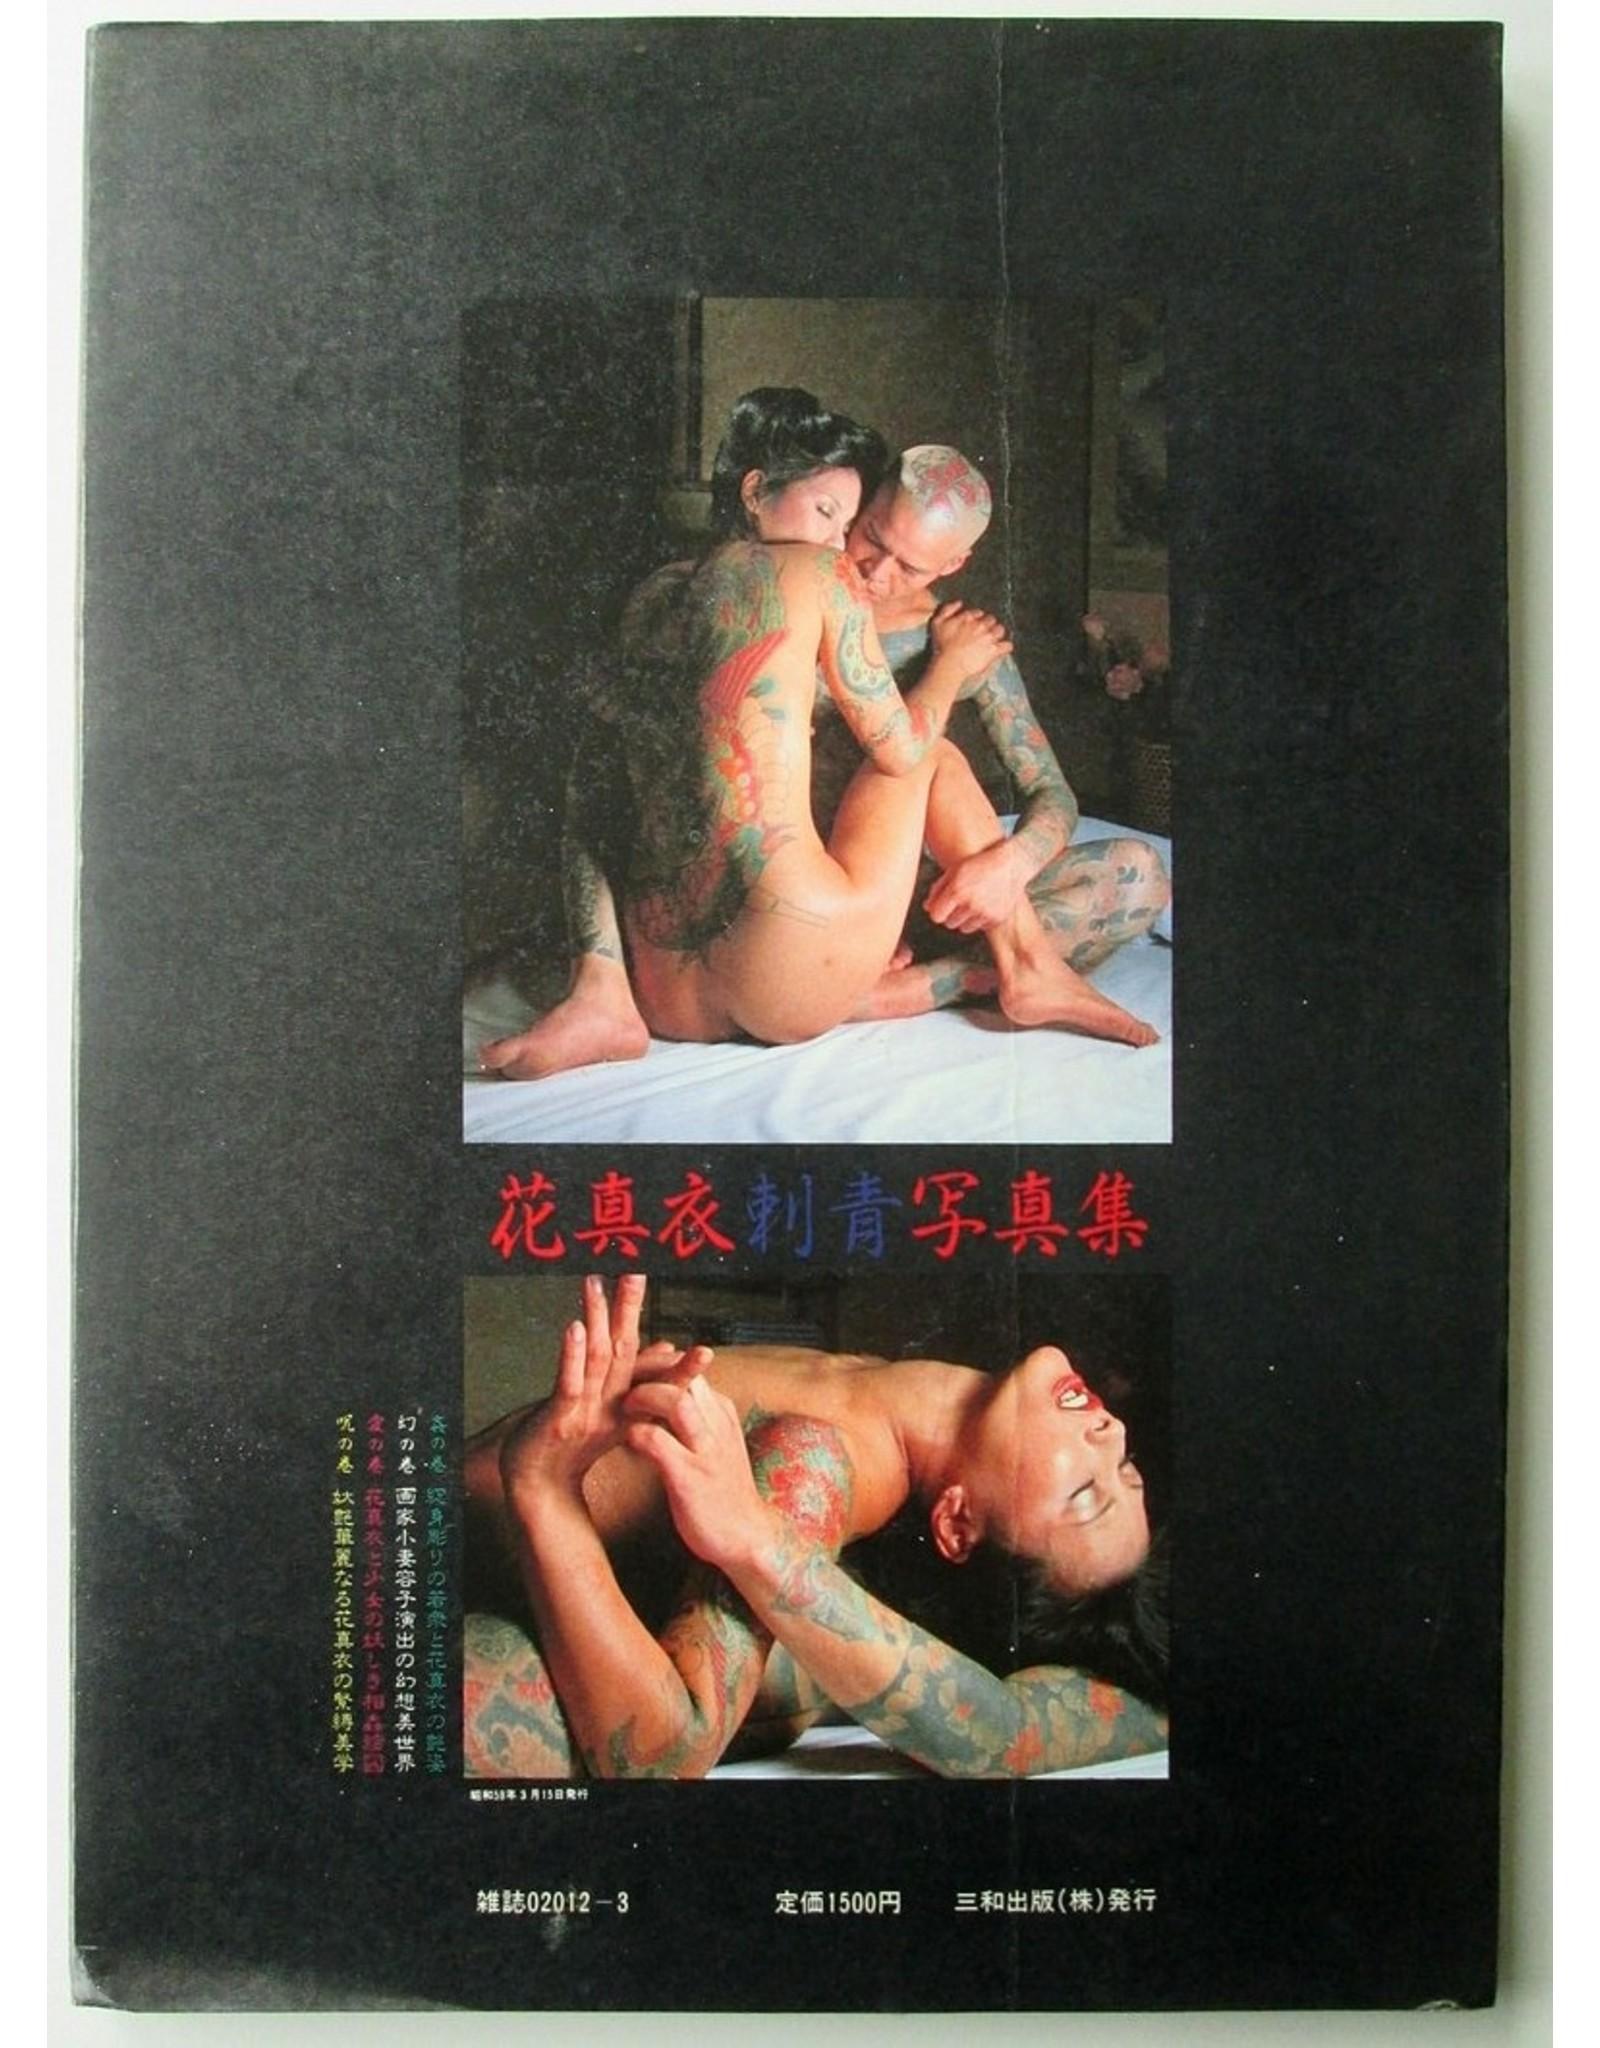 花真衣 刺青 写真集 [Hana Mai's Tattoo fotoalbum]